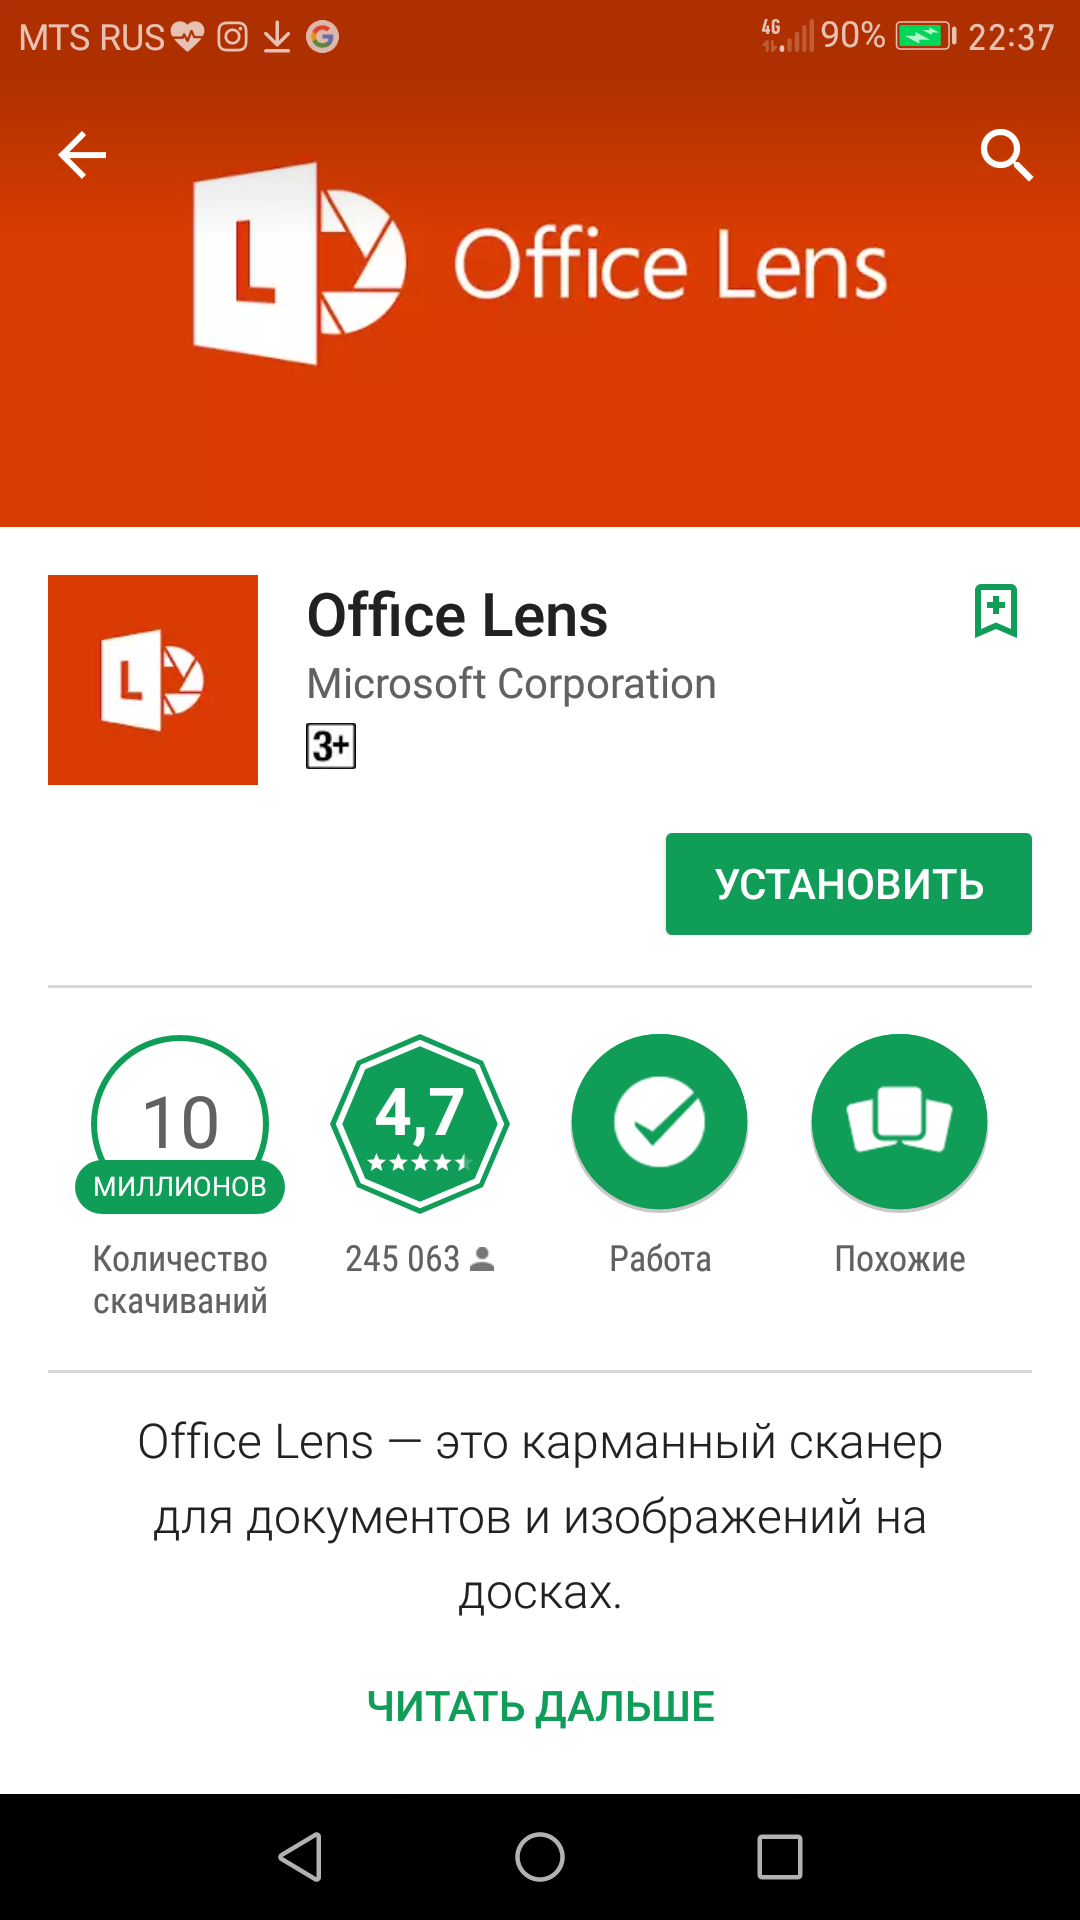 Устанавливаем приложение Office Lens